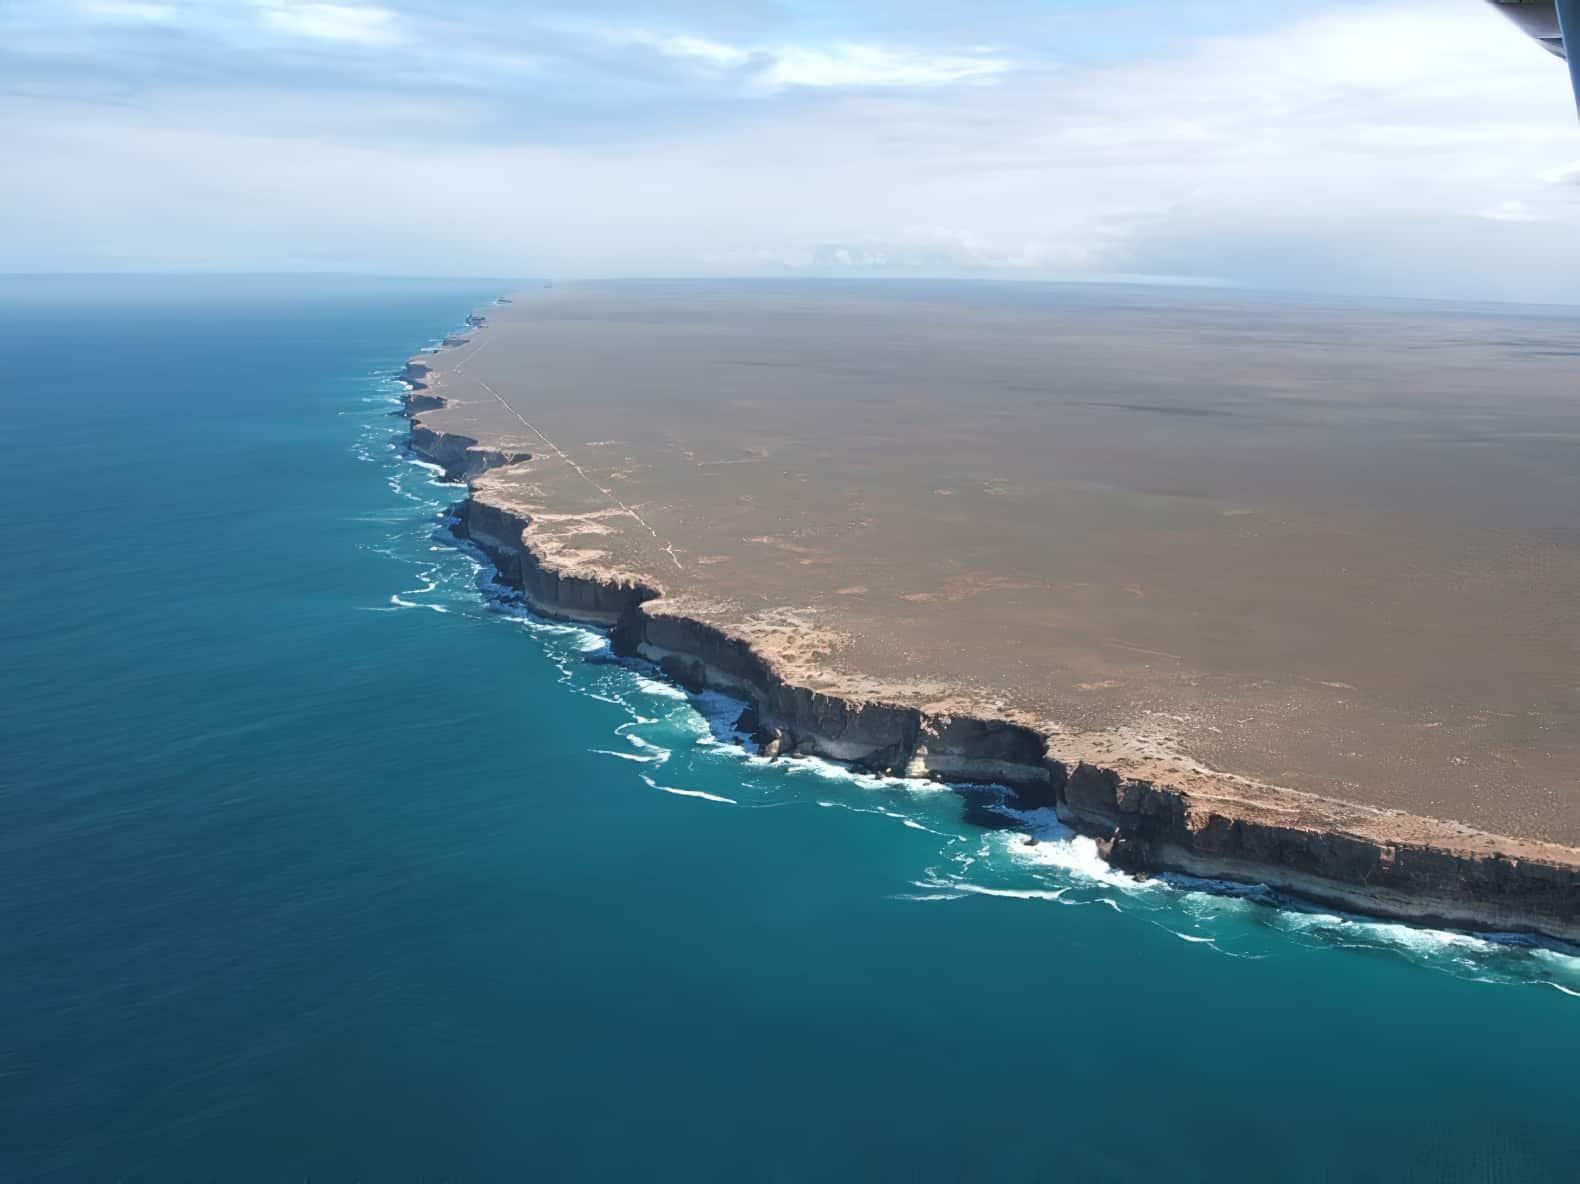 Les falaises de Bunda en Australie, le bout du monde?